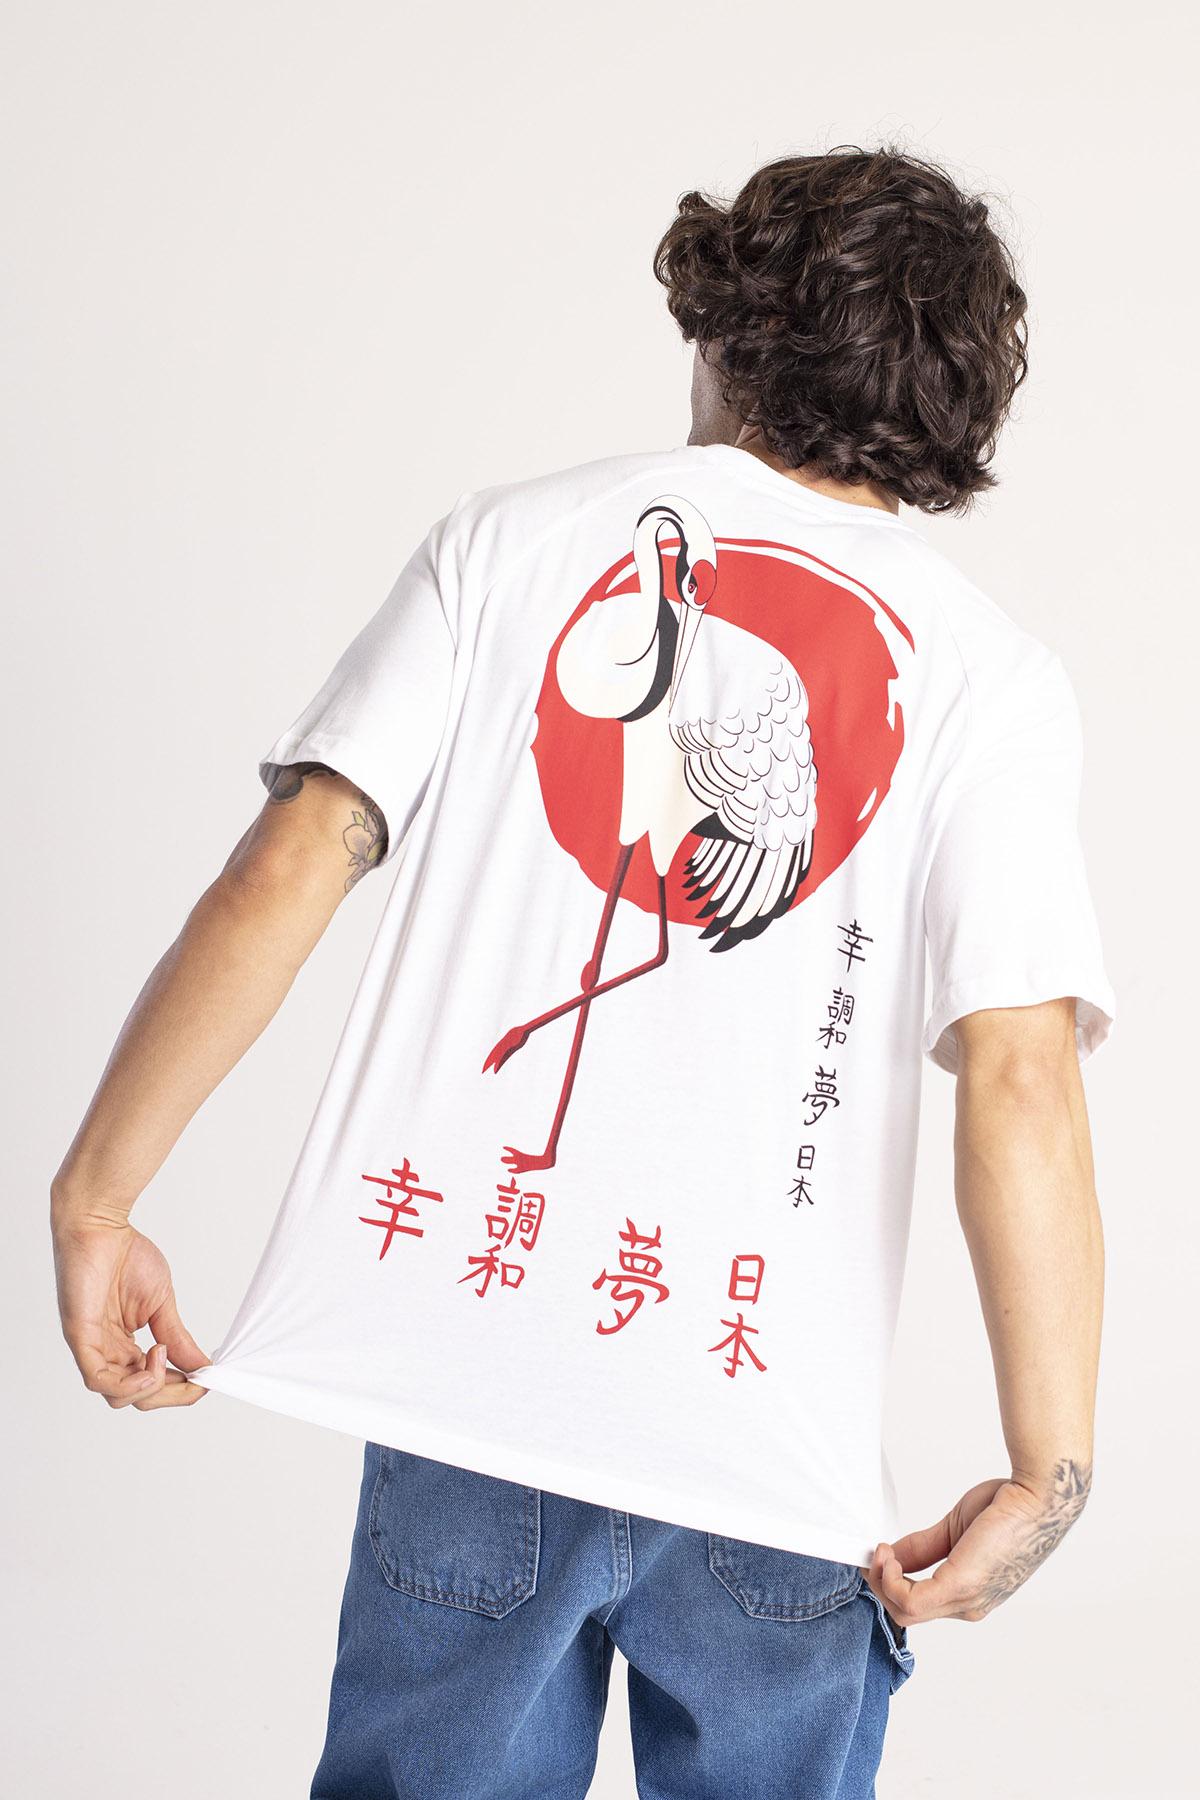 XHAN - Beyaz Önü & Arkası Baskılı Oversize T-Shirt 1KXE1-44663-01